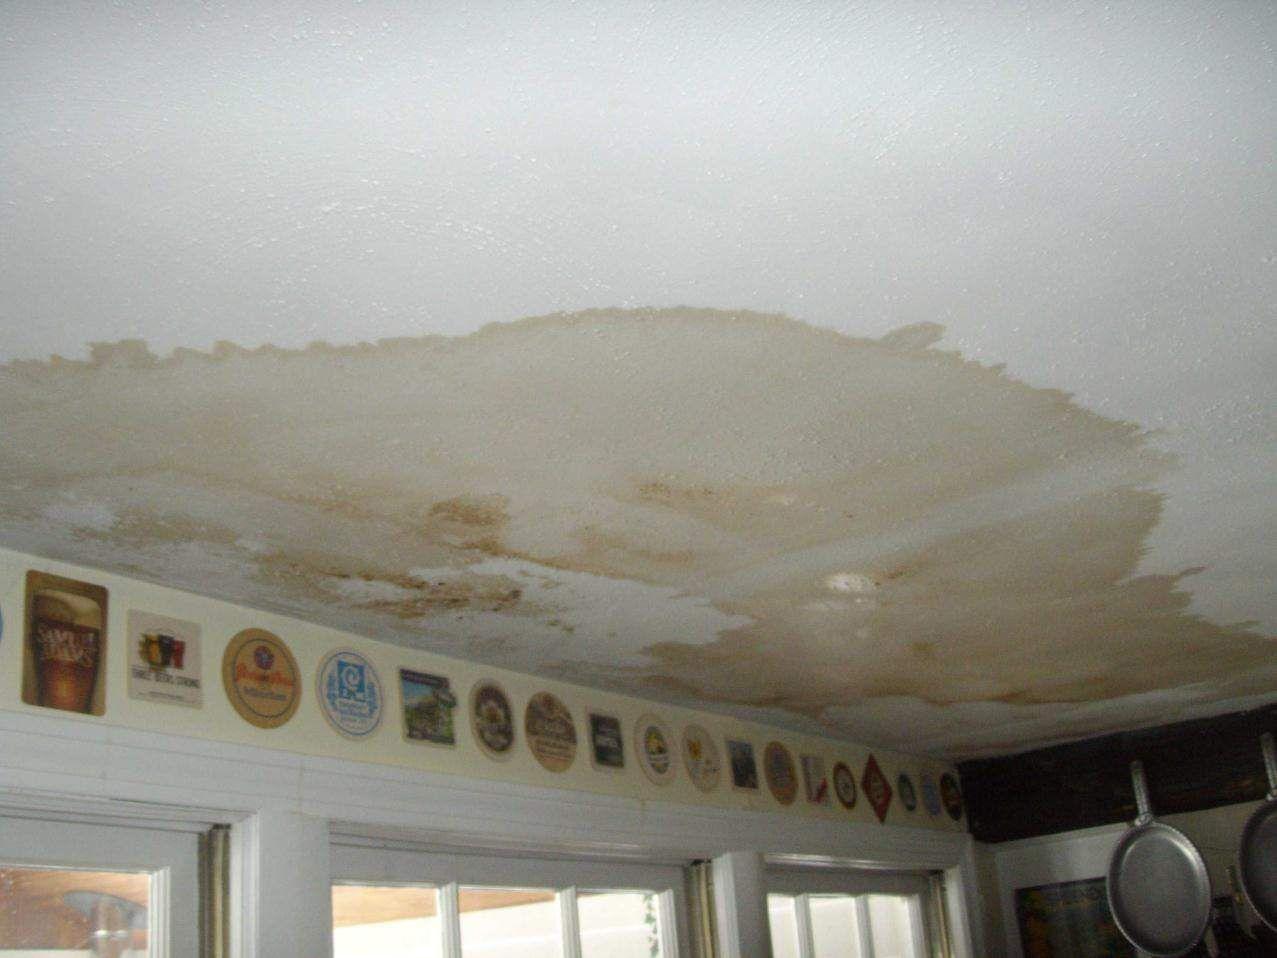 Water Damage Problems Bonita Springs Repair Ceilings Mold On Bathroom Ceiling Water Stain On Ceiling